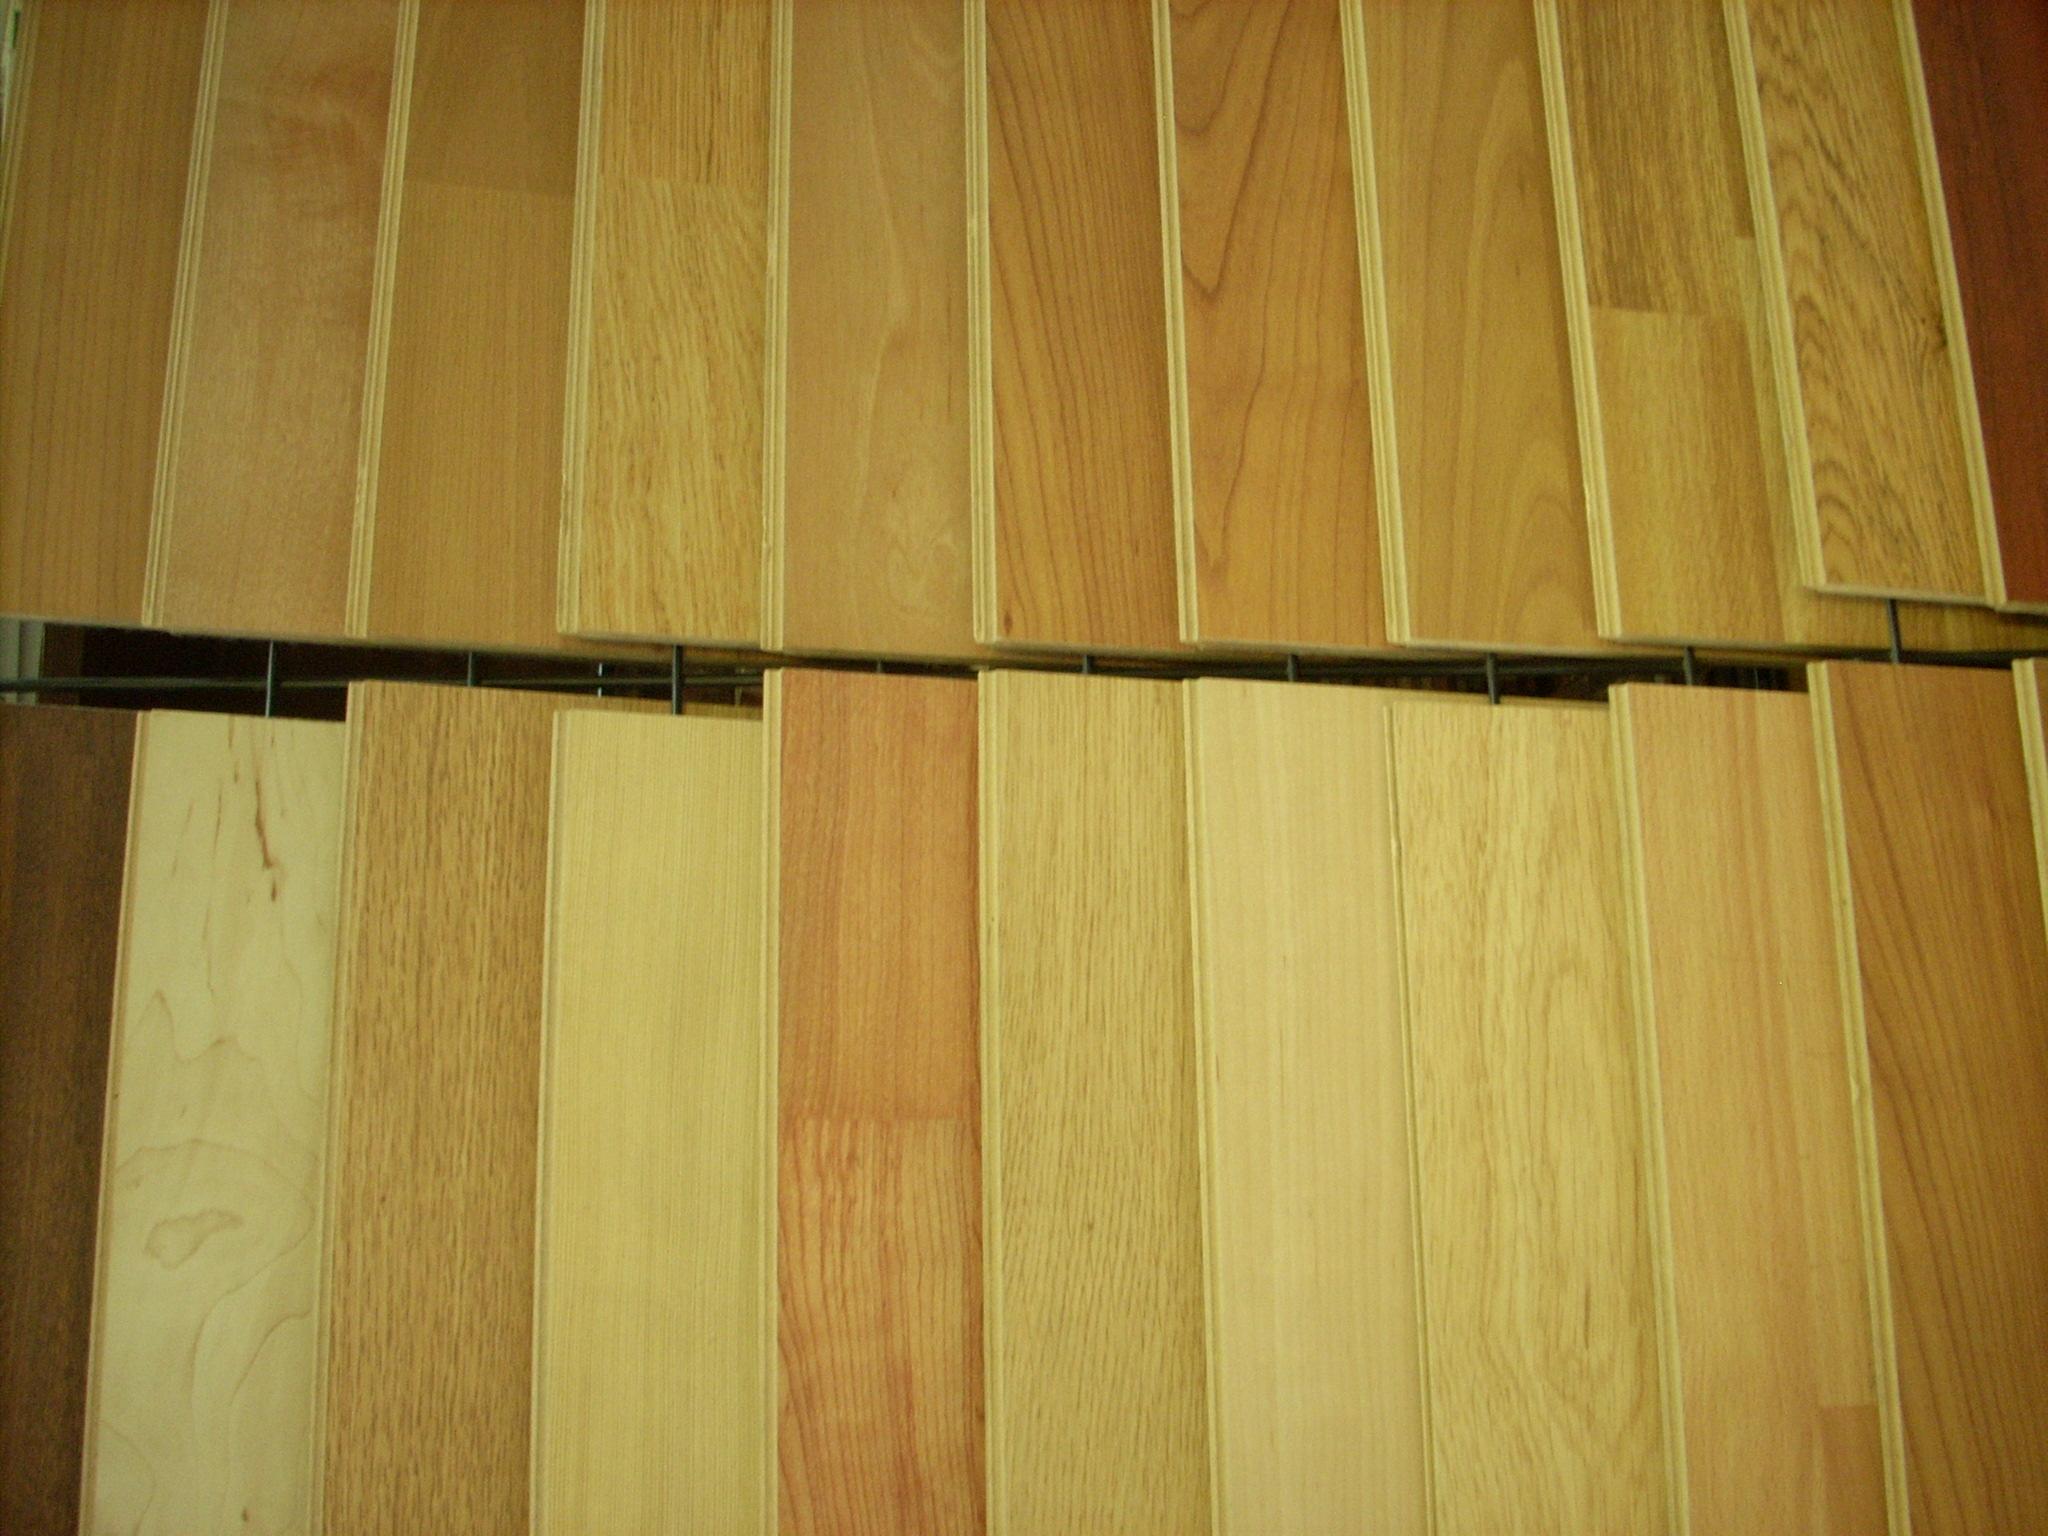 la mejor manera de encerar pisos de madera Cmo Limpiar Un Piso Flotante 5 Trucos Infalibles